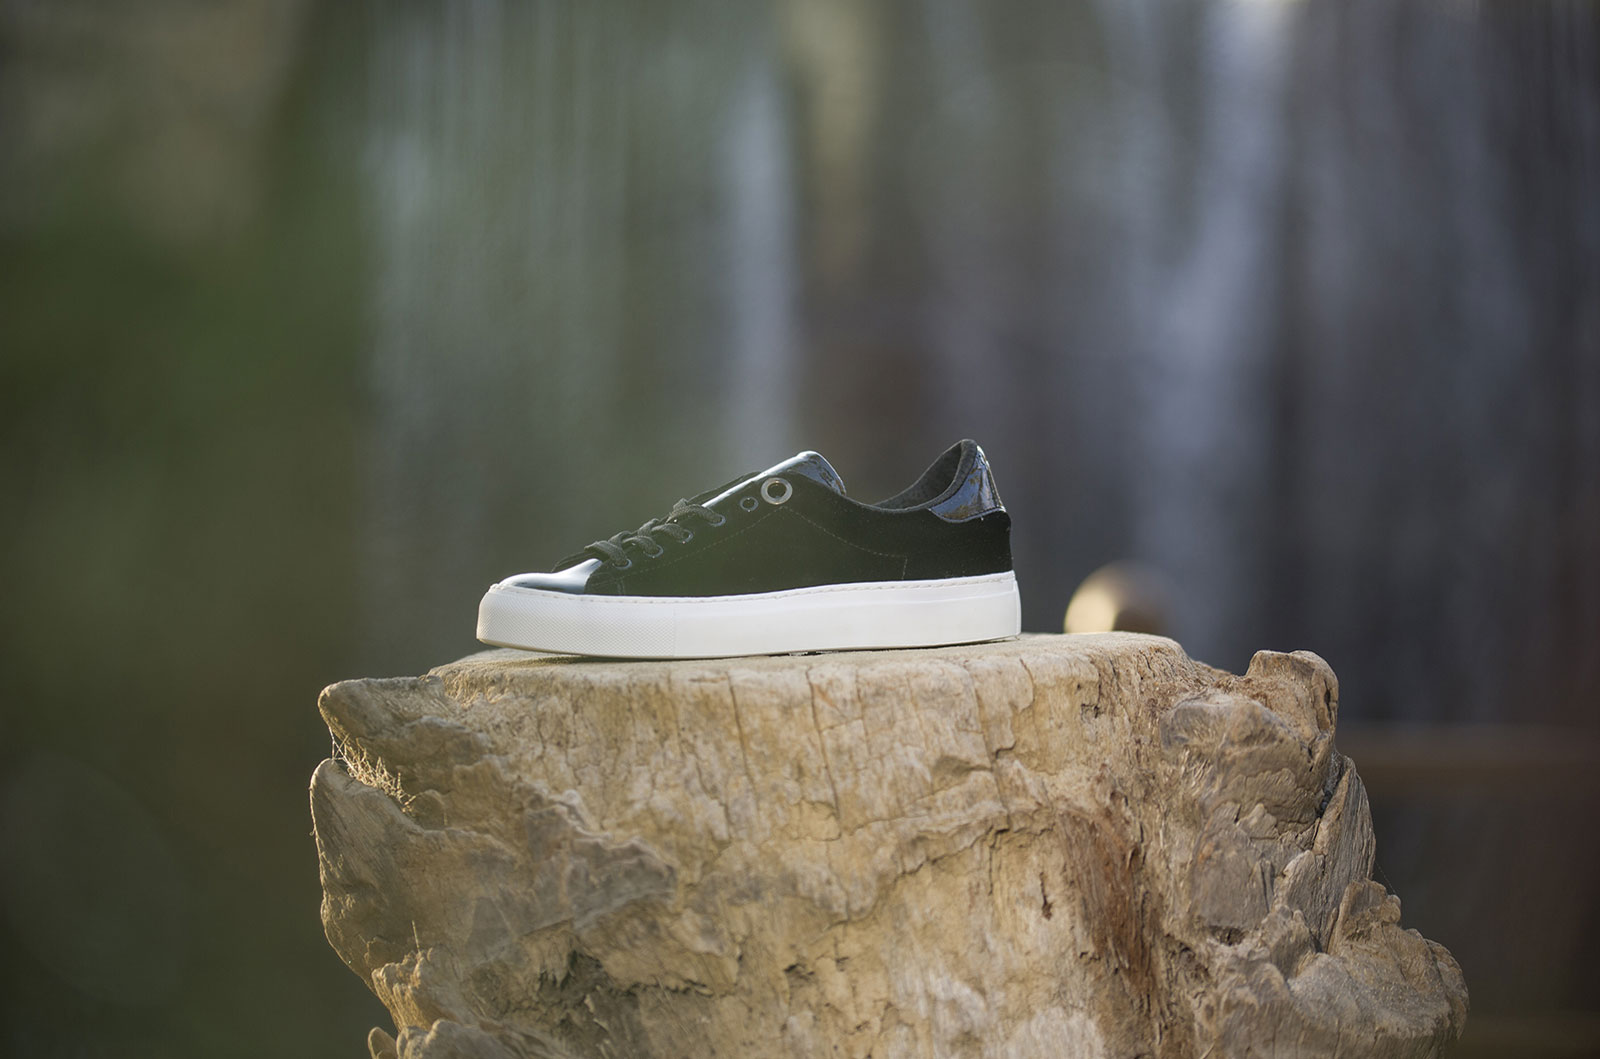 tienda online de zapatillas de deporte